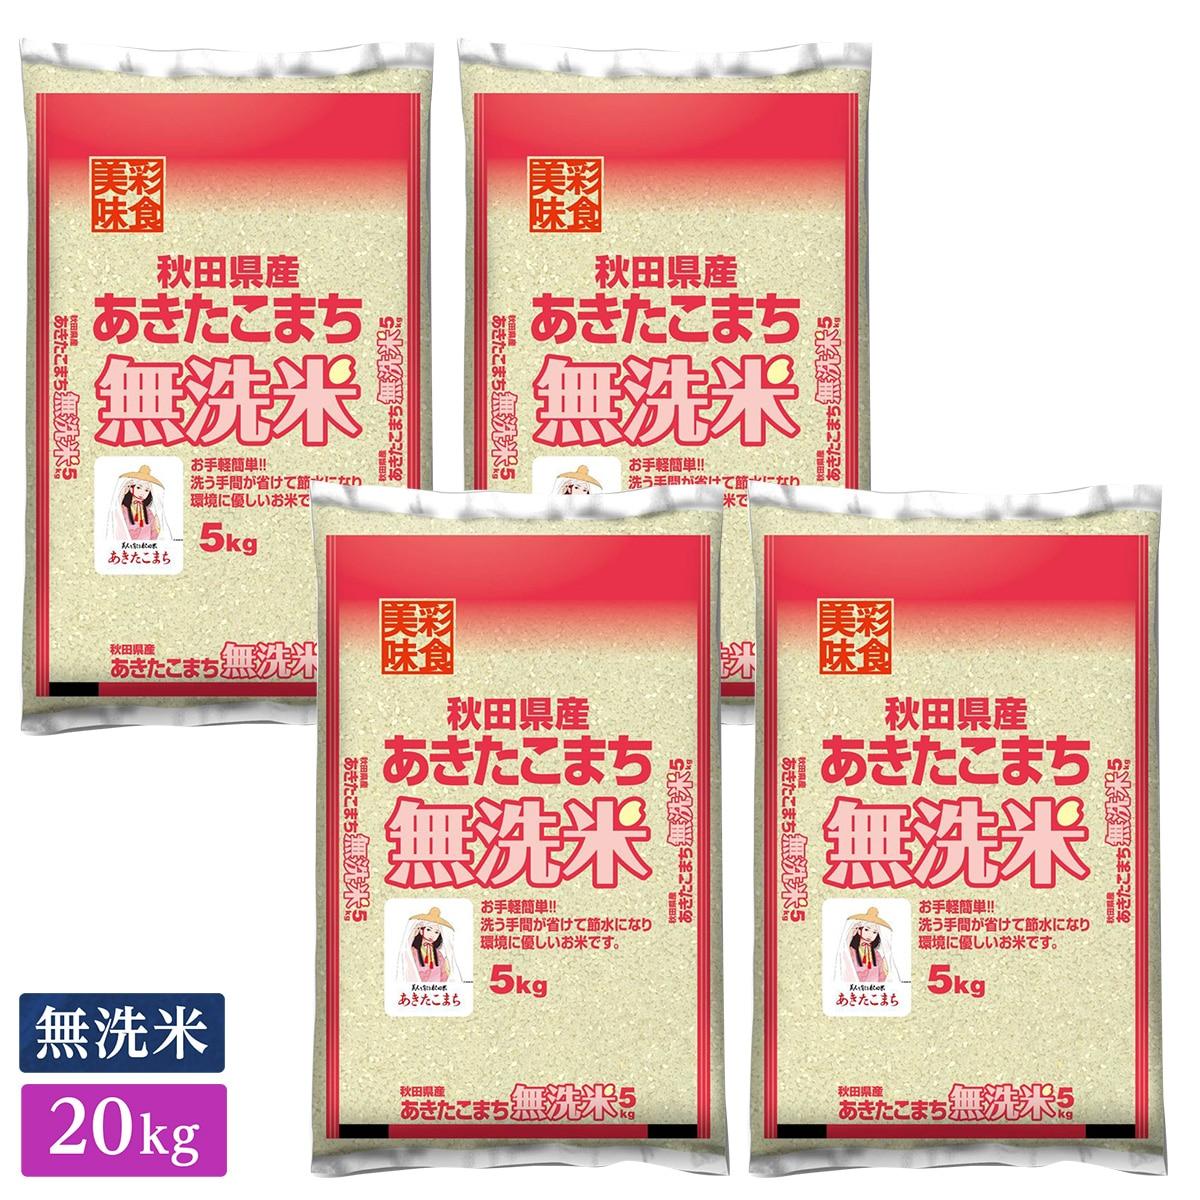 むらせライス ■【精米】【無洗米】秋田県産あきたこまち 20kg(5kg×4) 21945